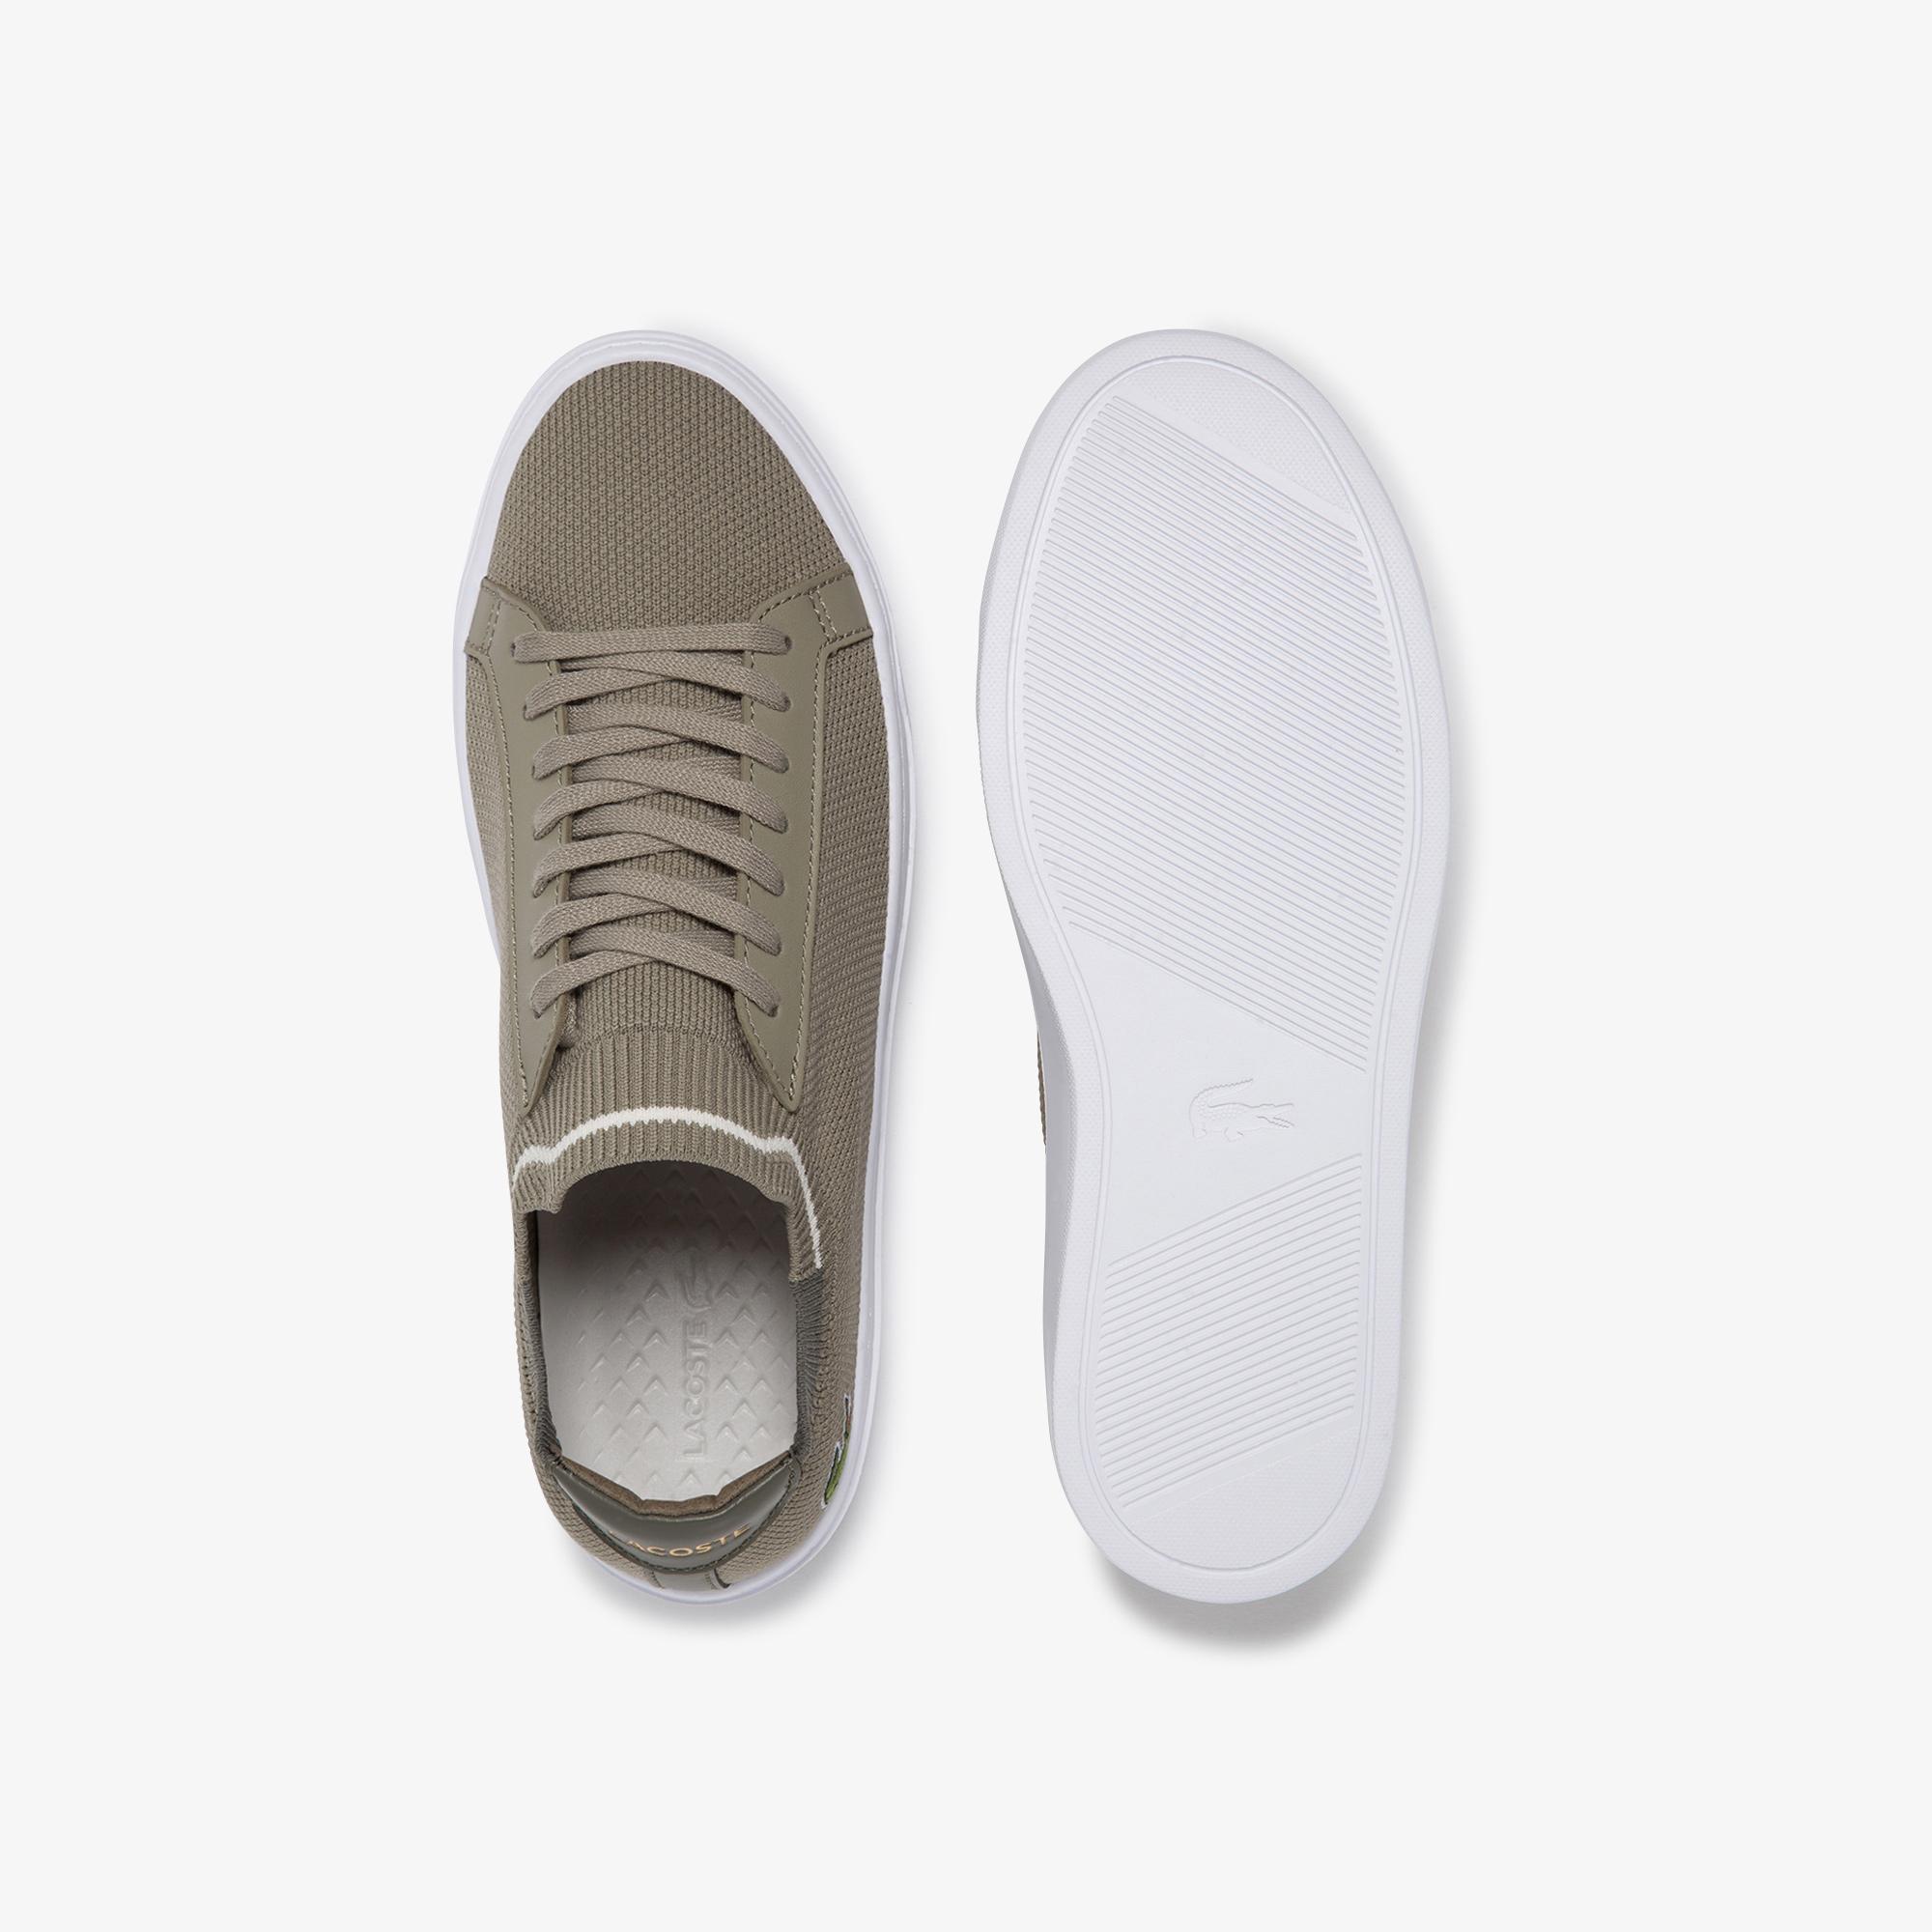 Lacoste La Piquee 120 2 Cma Erkek Haki Sneaker